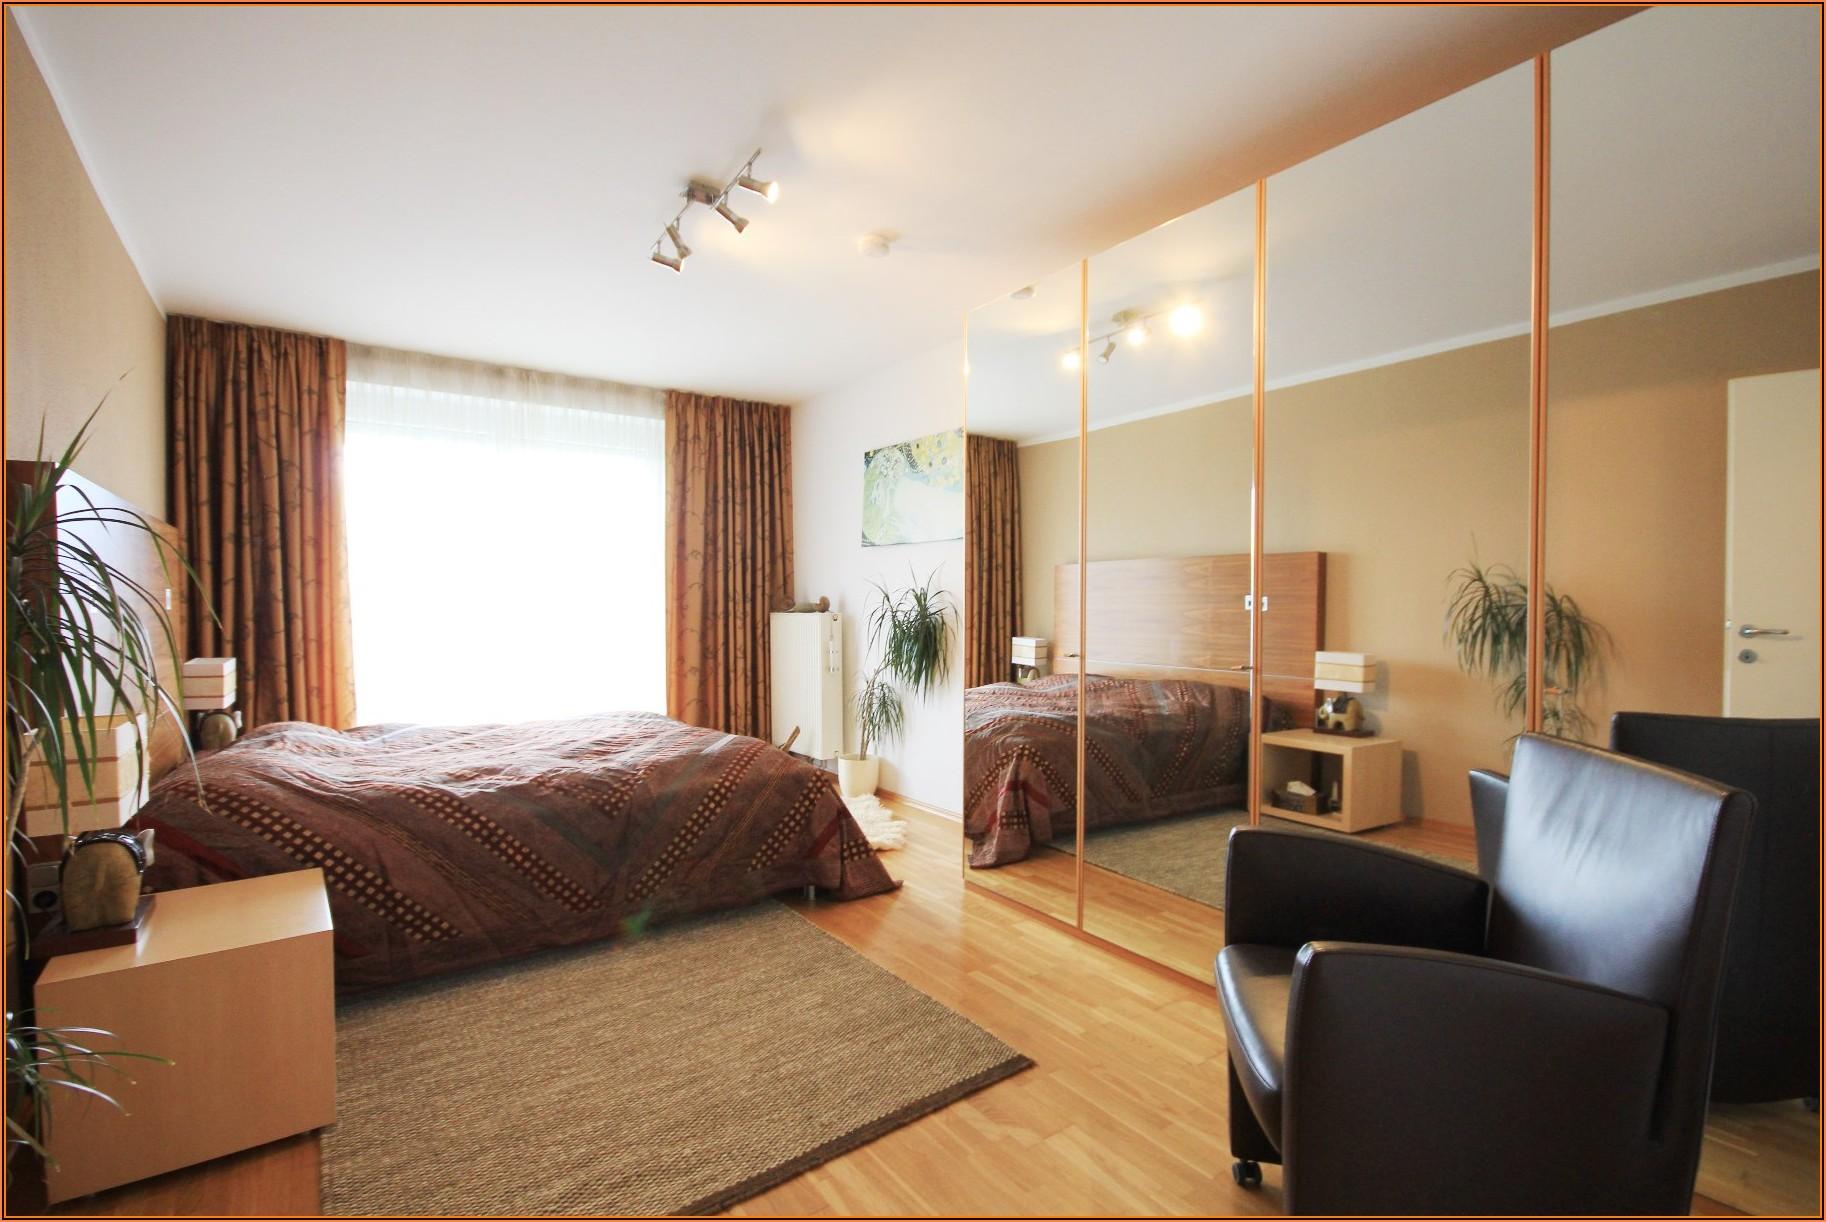 Bilder Schlafzimmer Groß